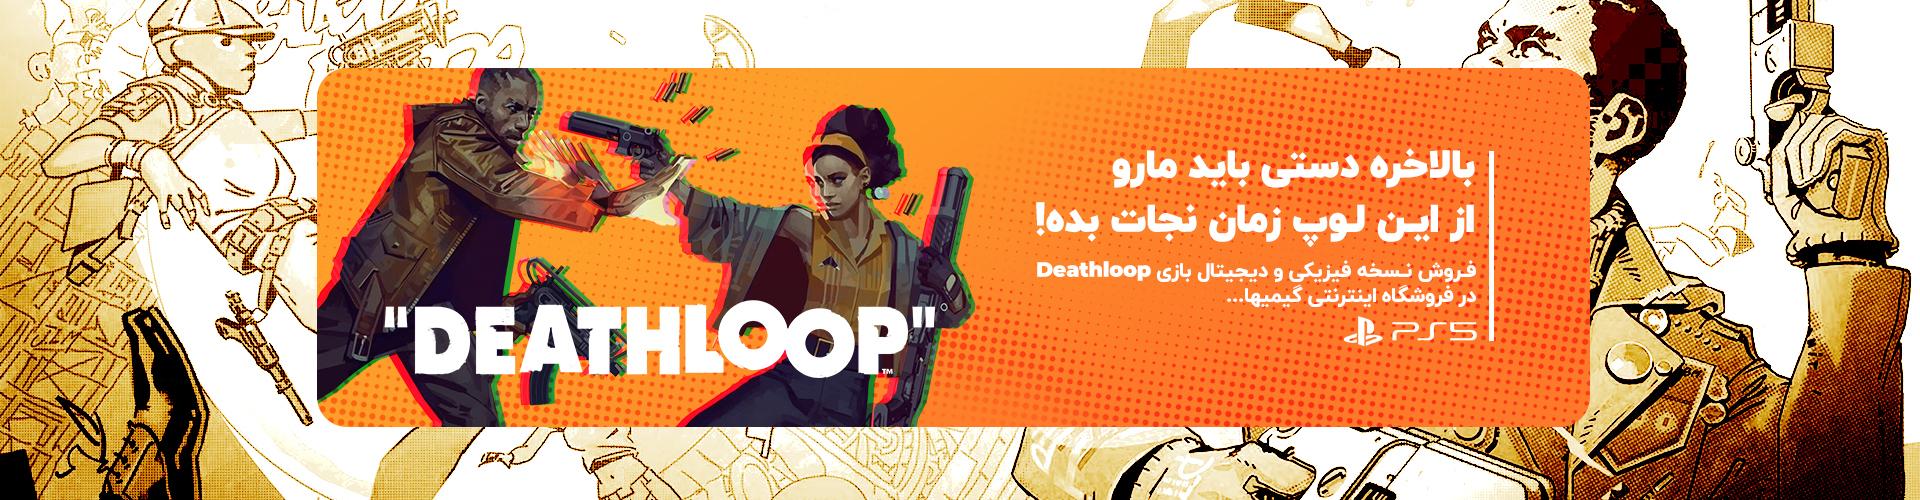 بنر فروش بازی Deathloop